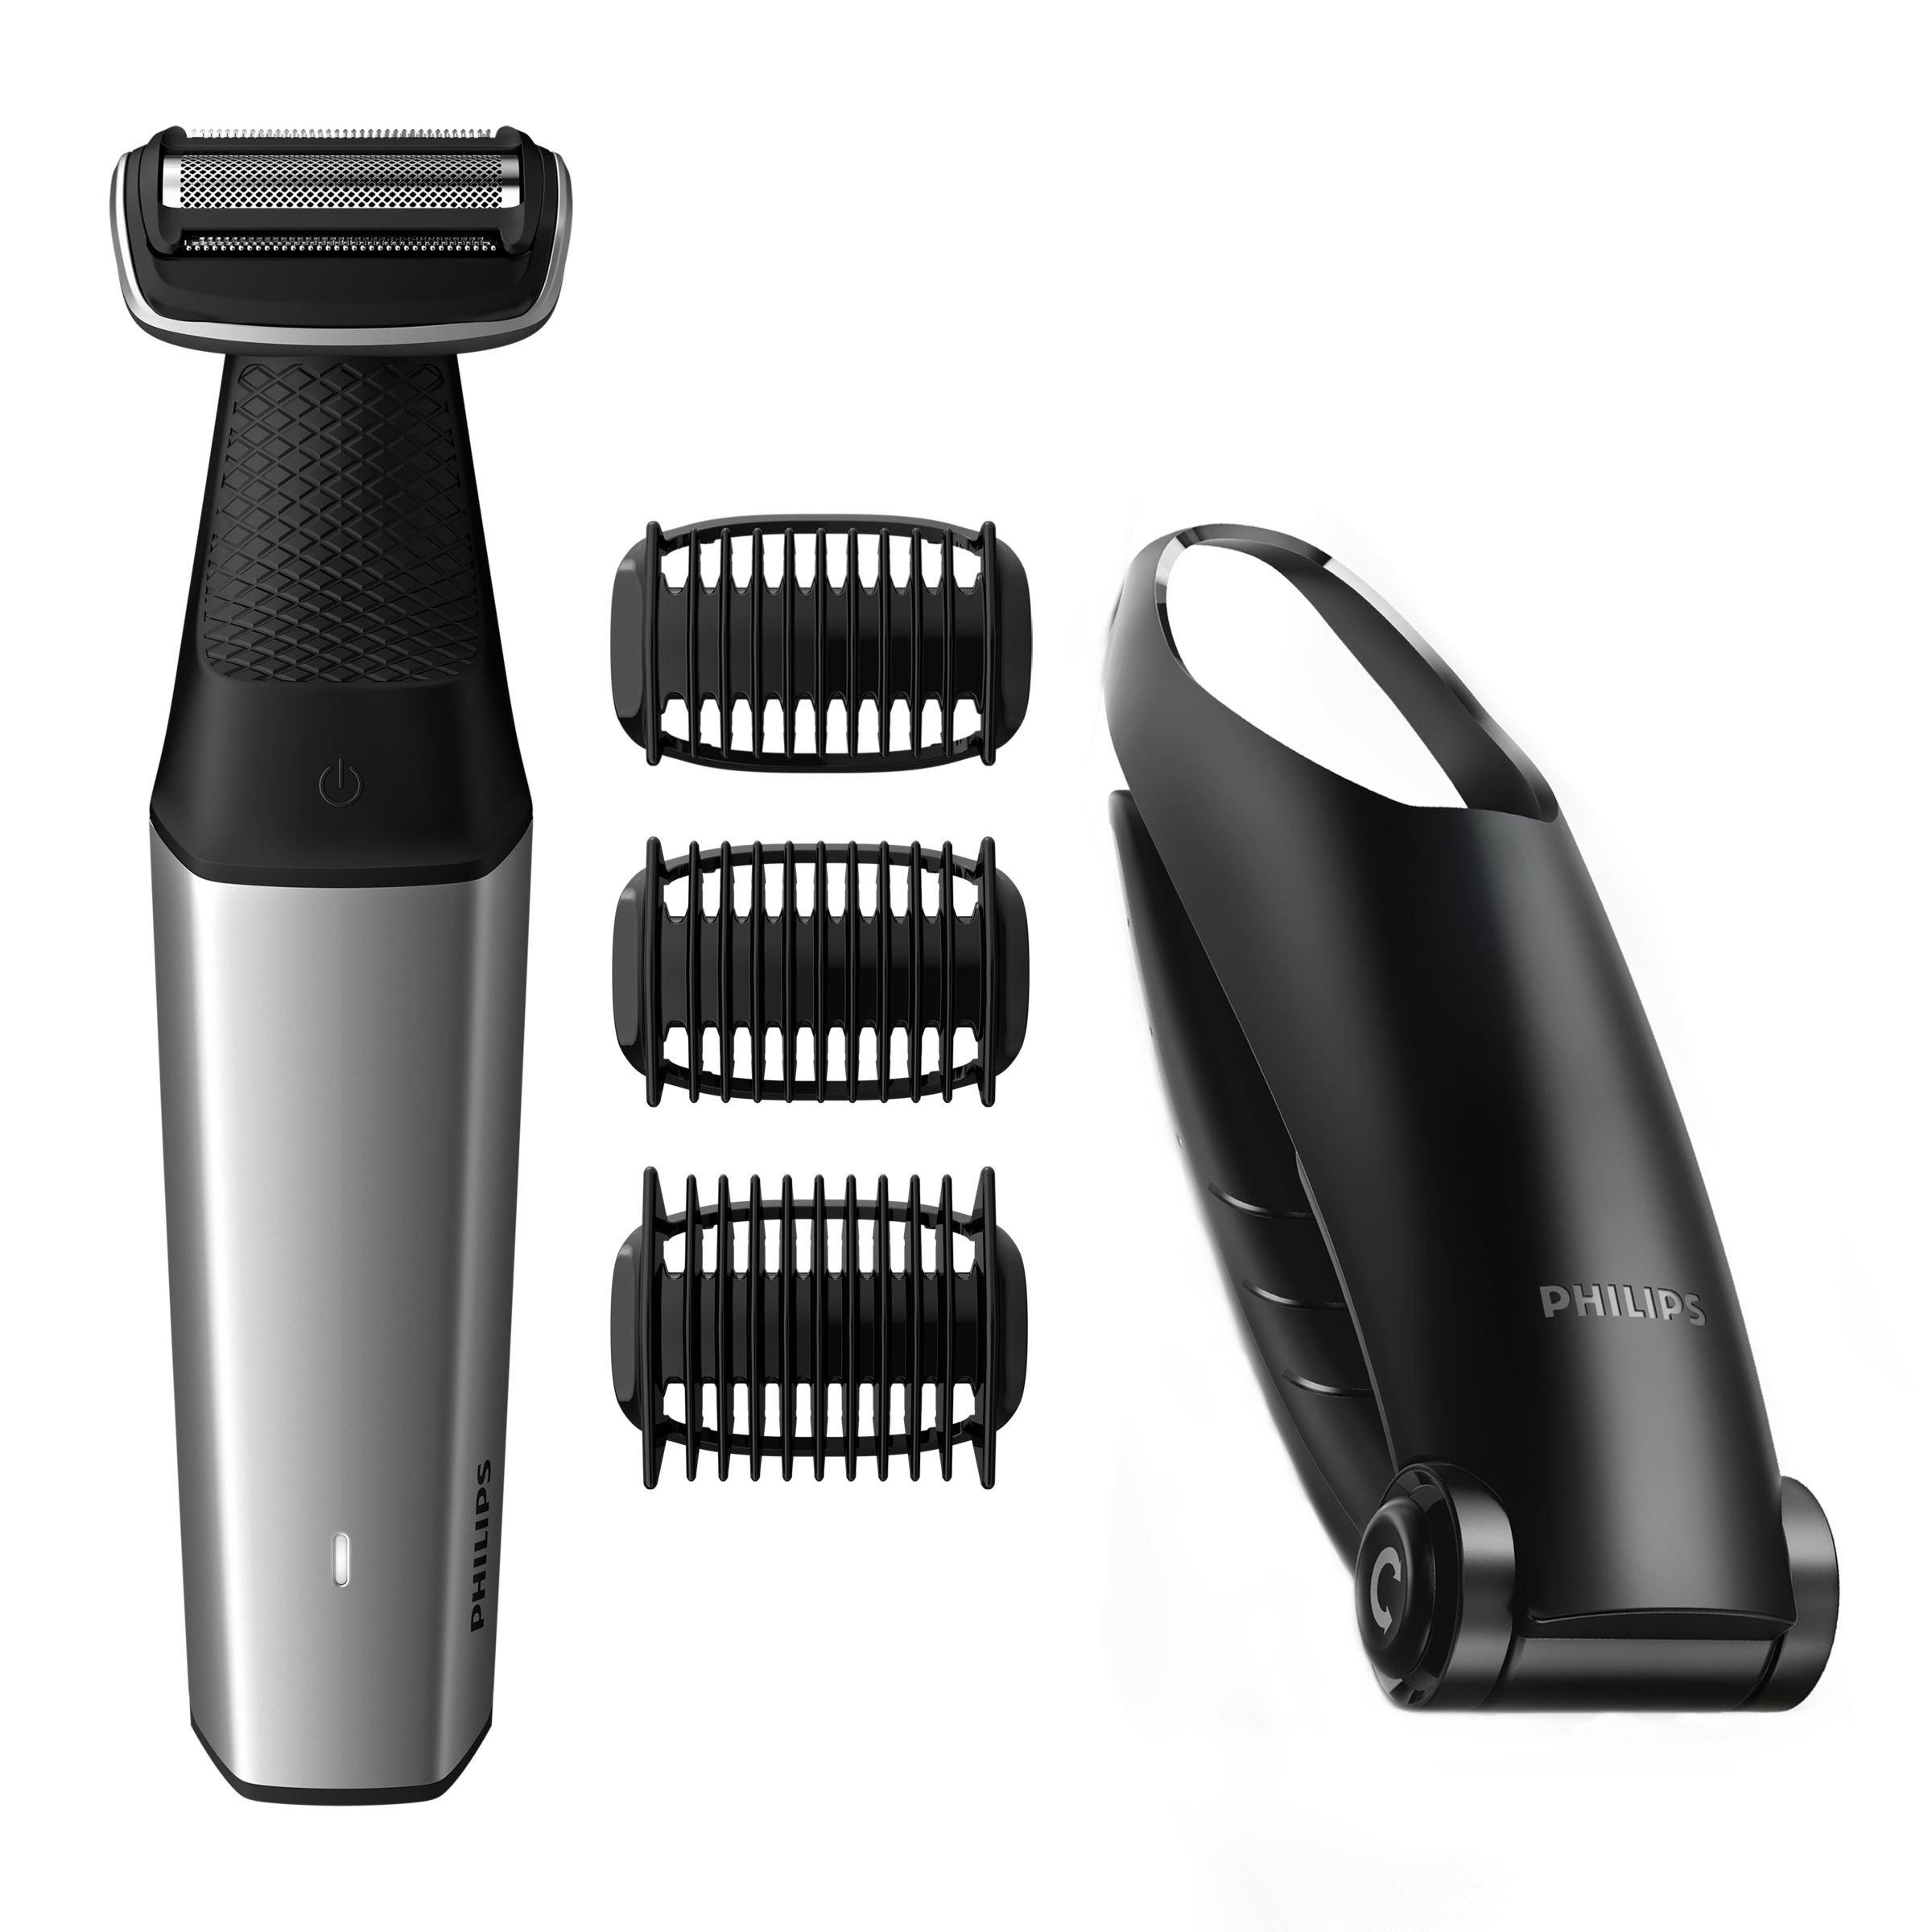 Philips BG5020/15 Showerproof Body Groomer, Black ... by PHILIPS